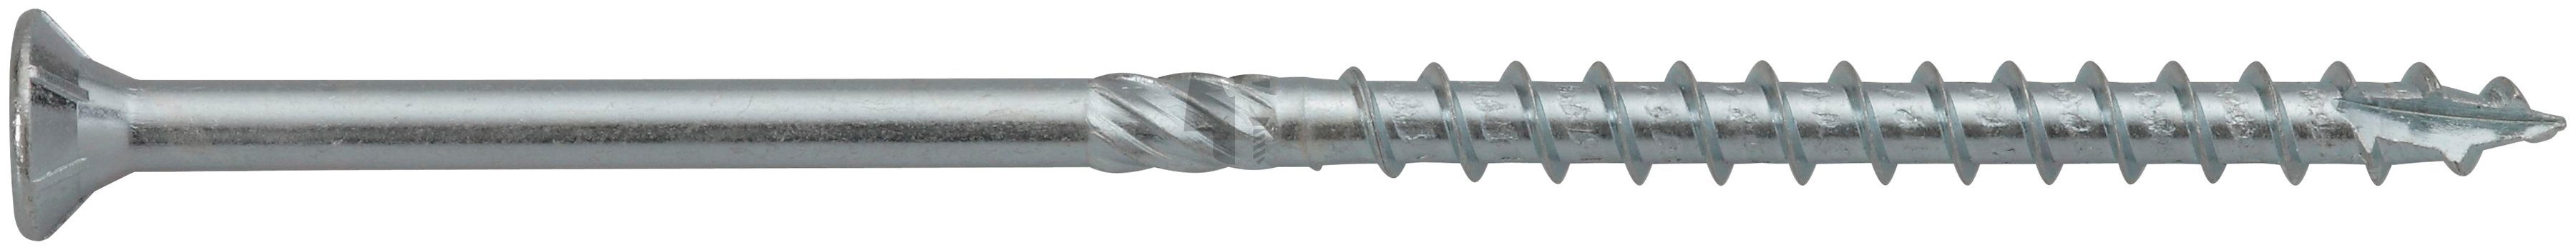 RAMSES Schrauben , Holzbauschraube 3,5 x 30 mm1000 Stk.